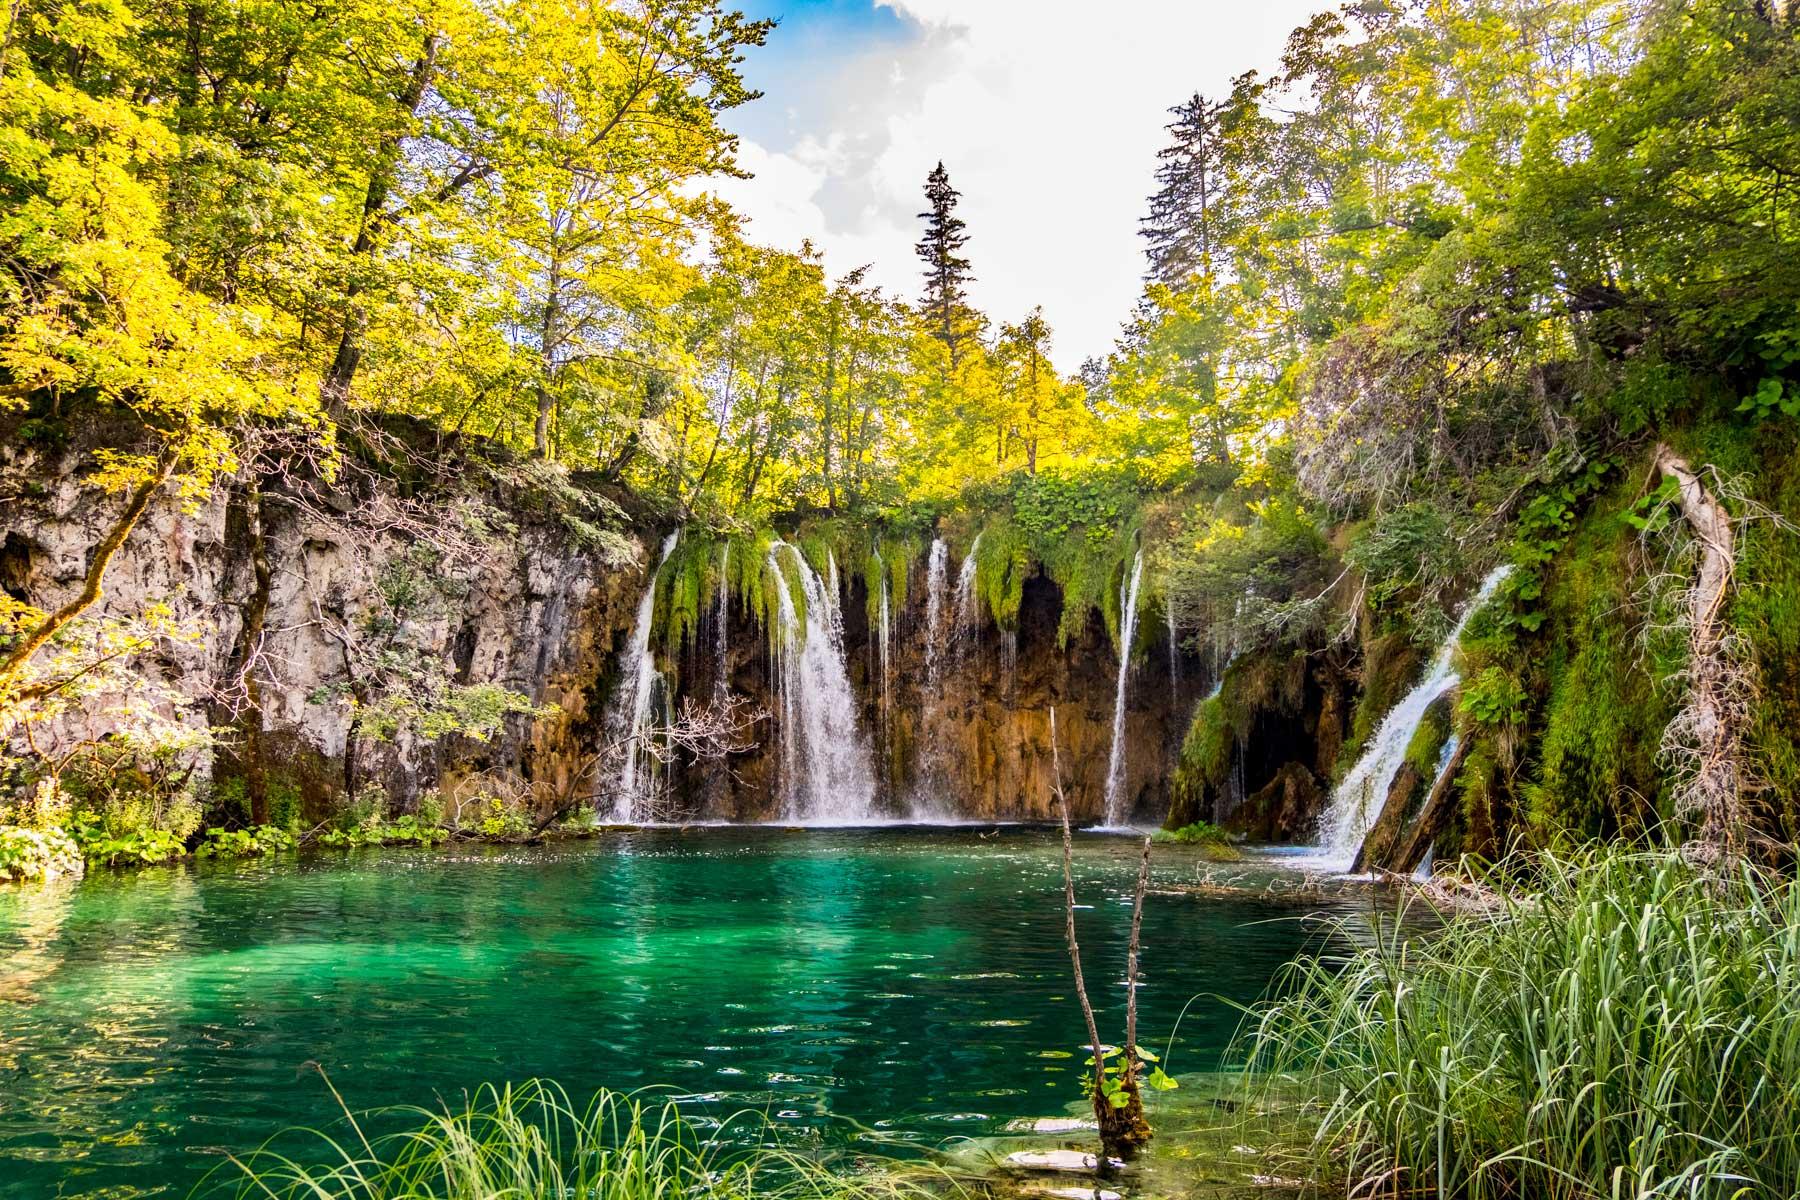 Laghi di Plitvice Croazia: come arrivare, cosa vedere, guida, mappa, quale percorso